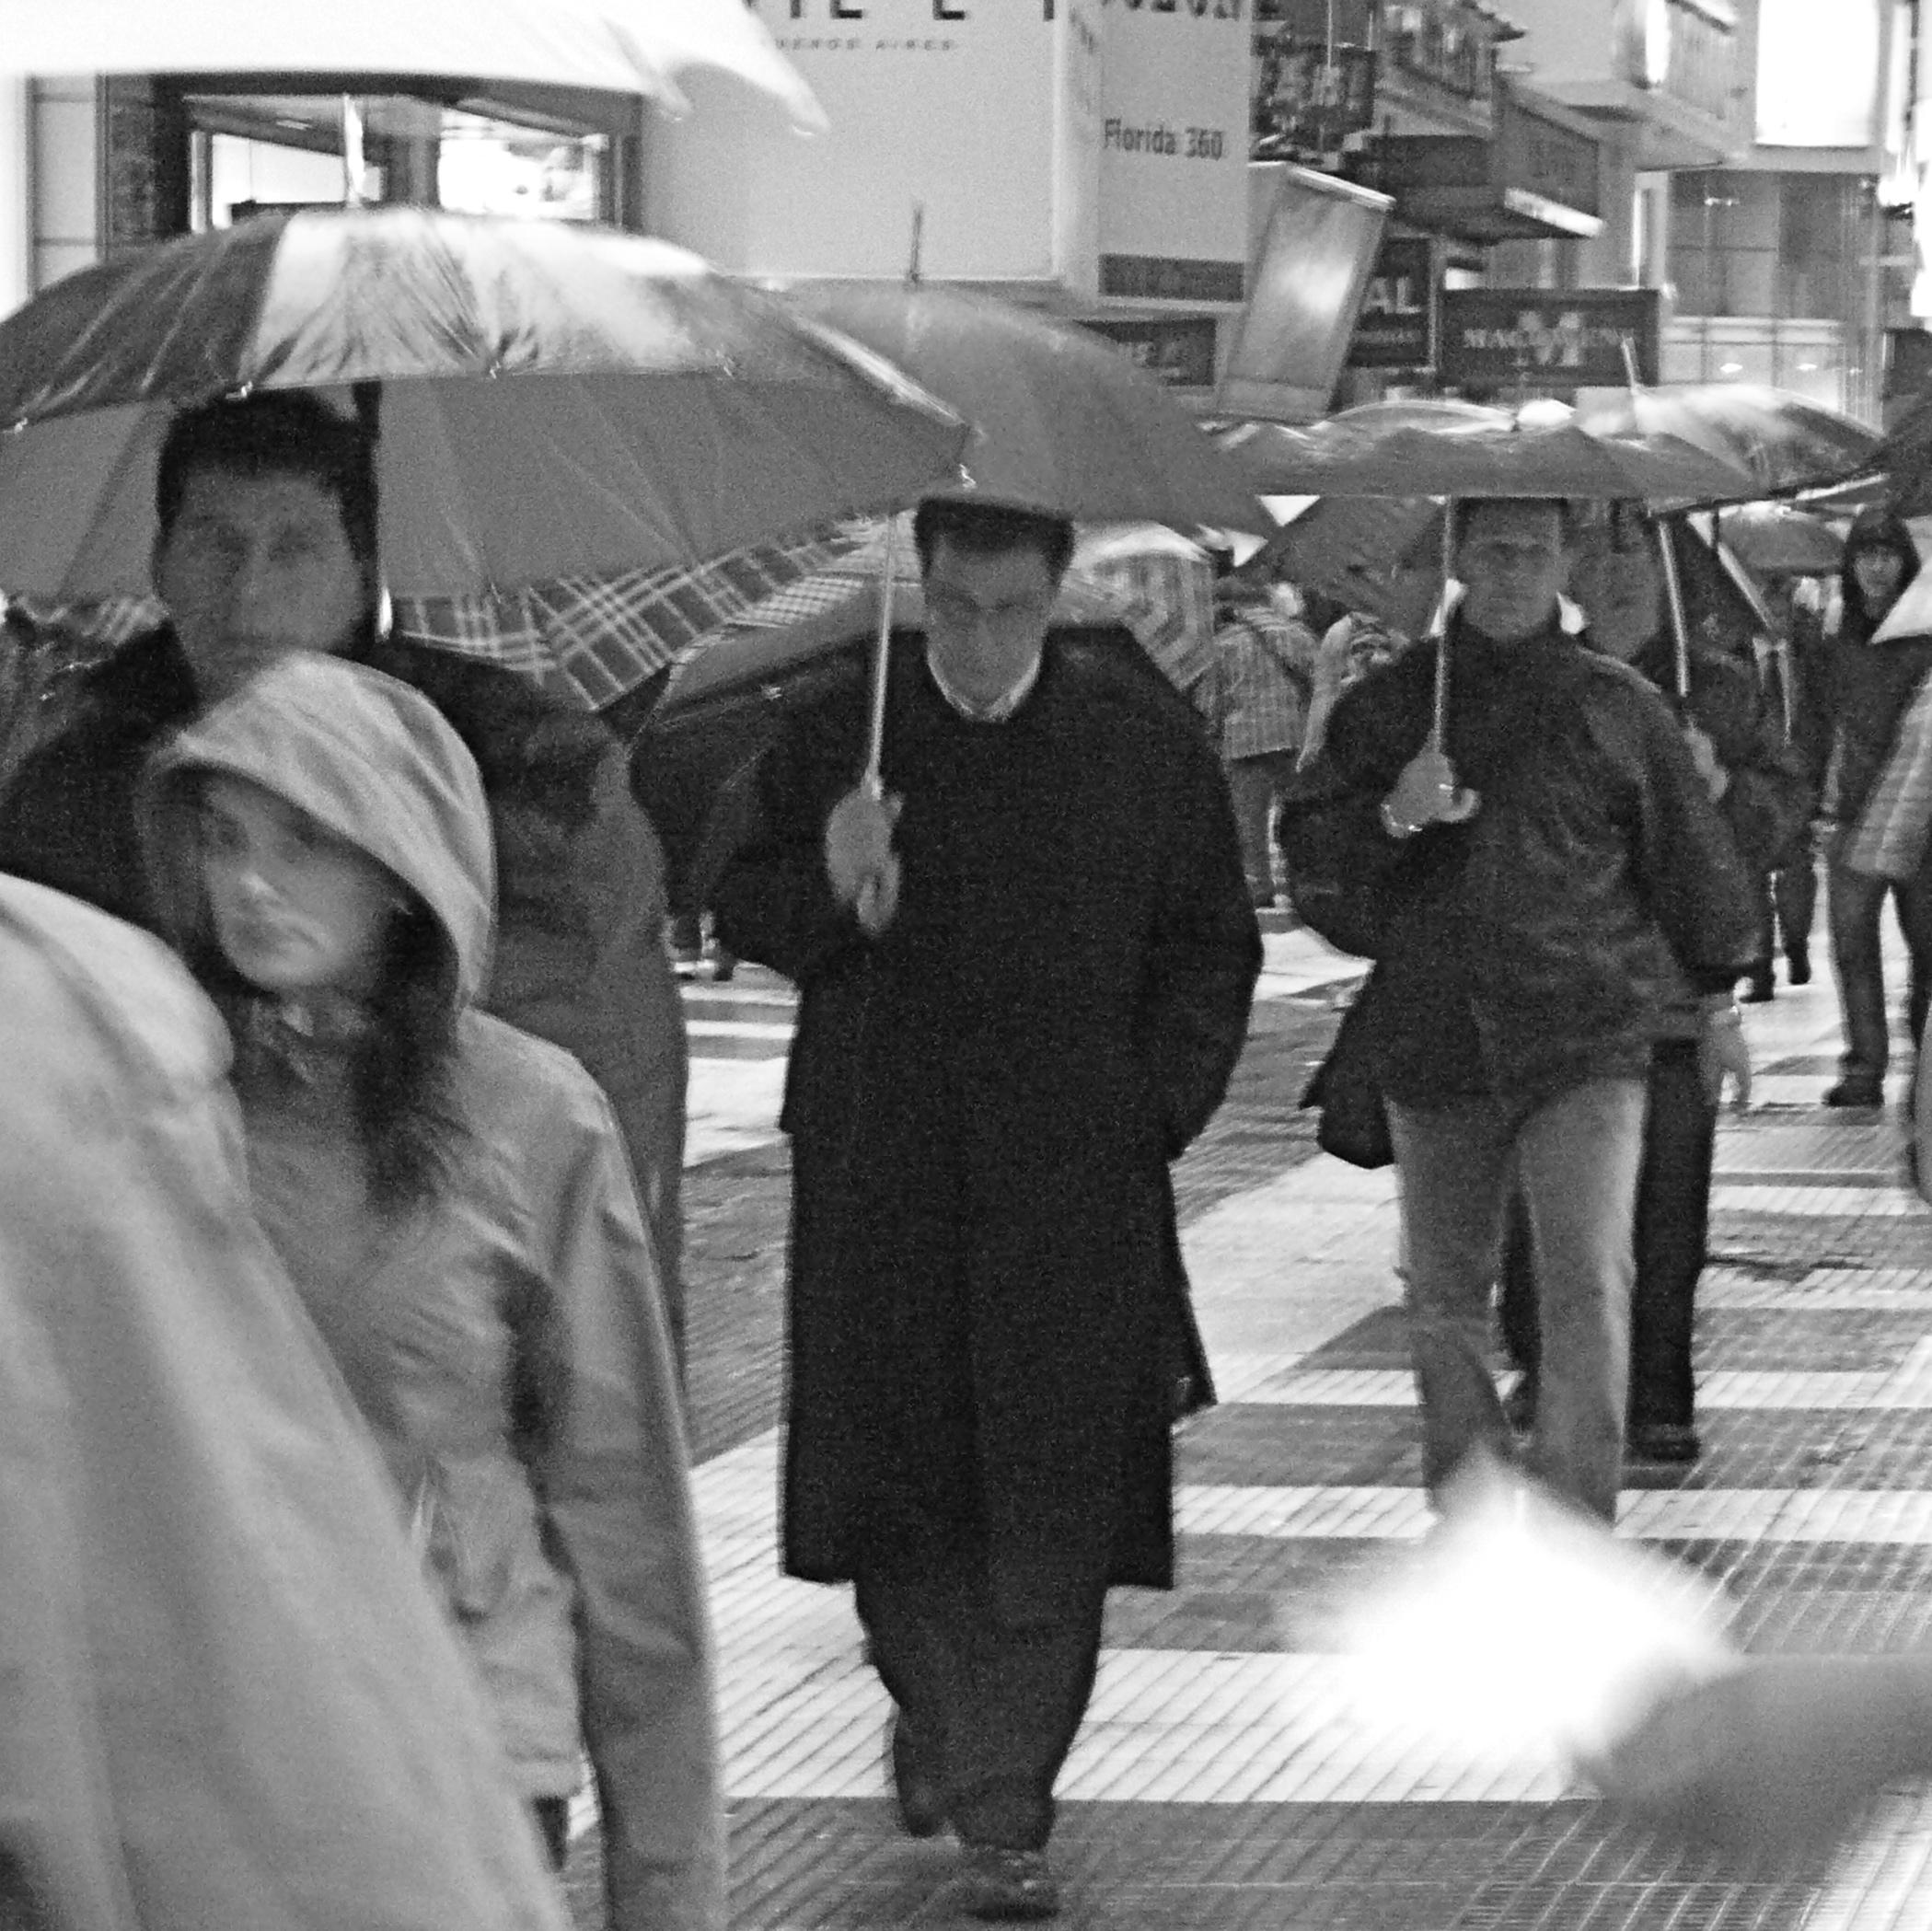 Raining Gatos Y Perros today